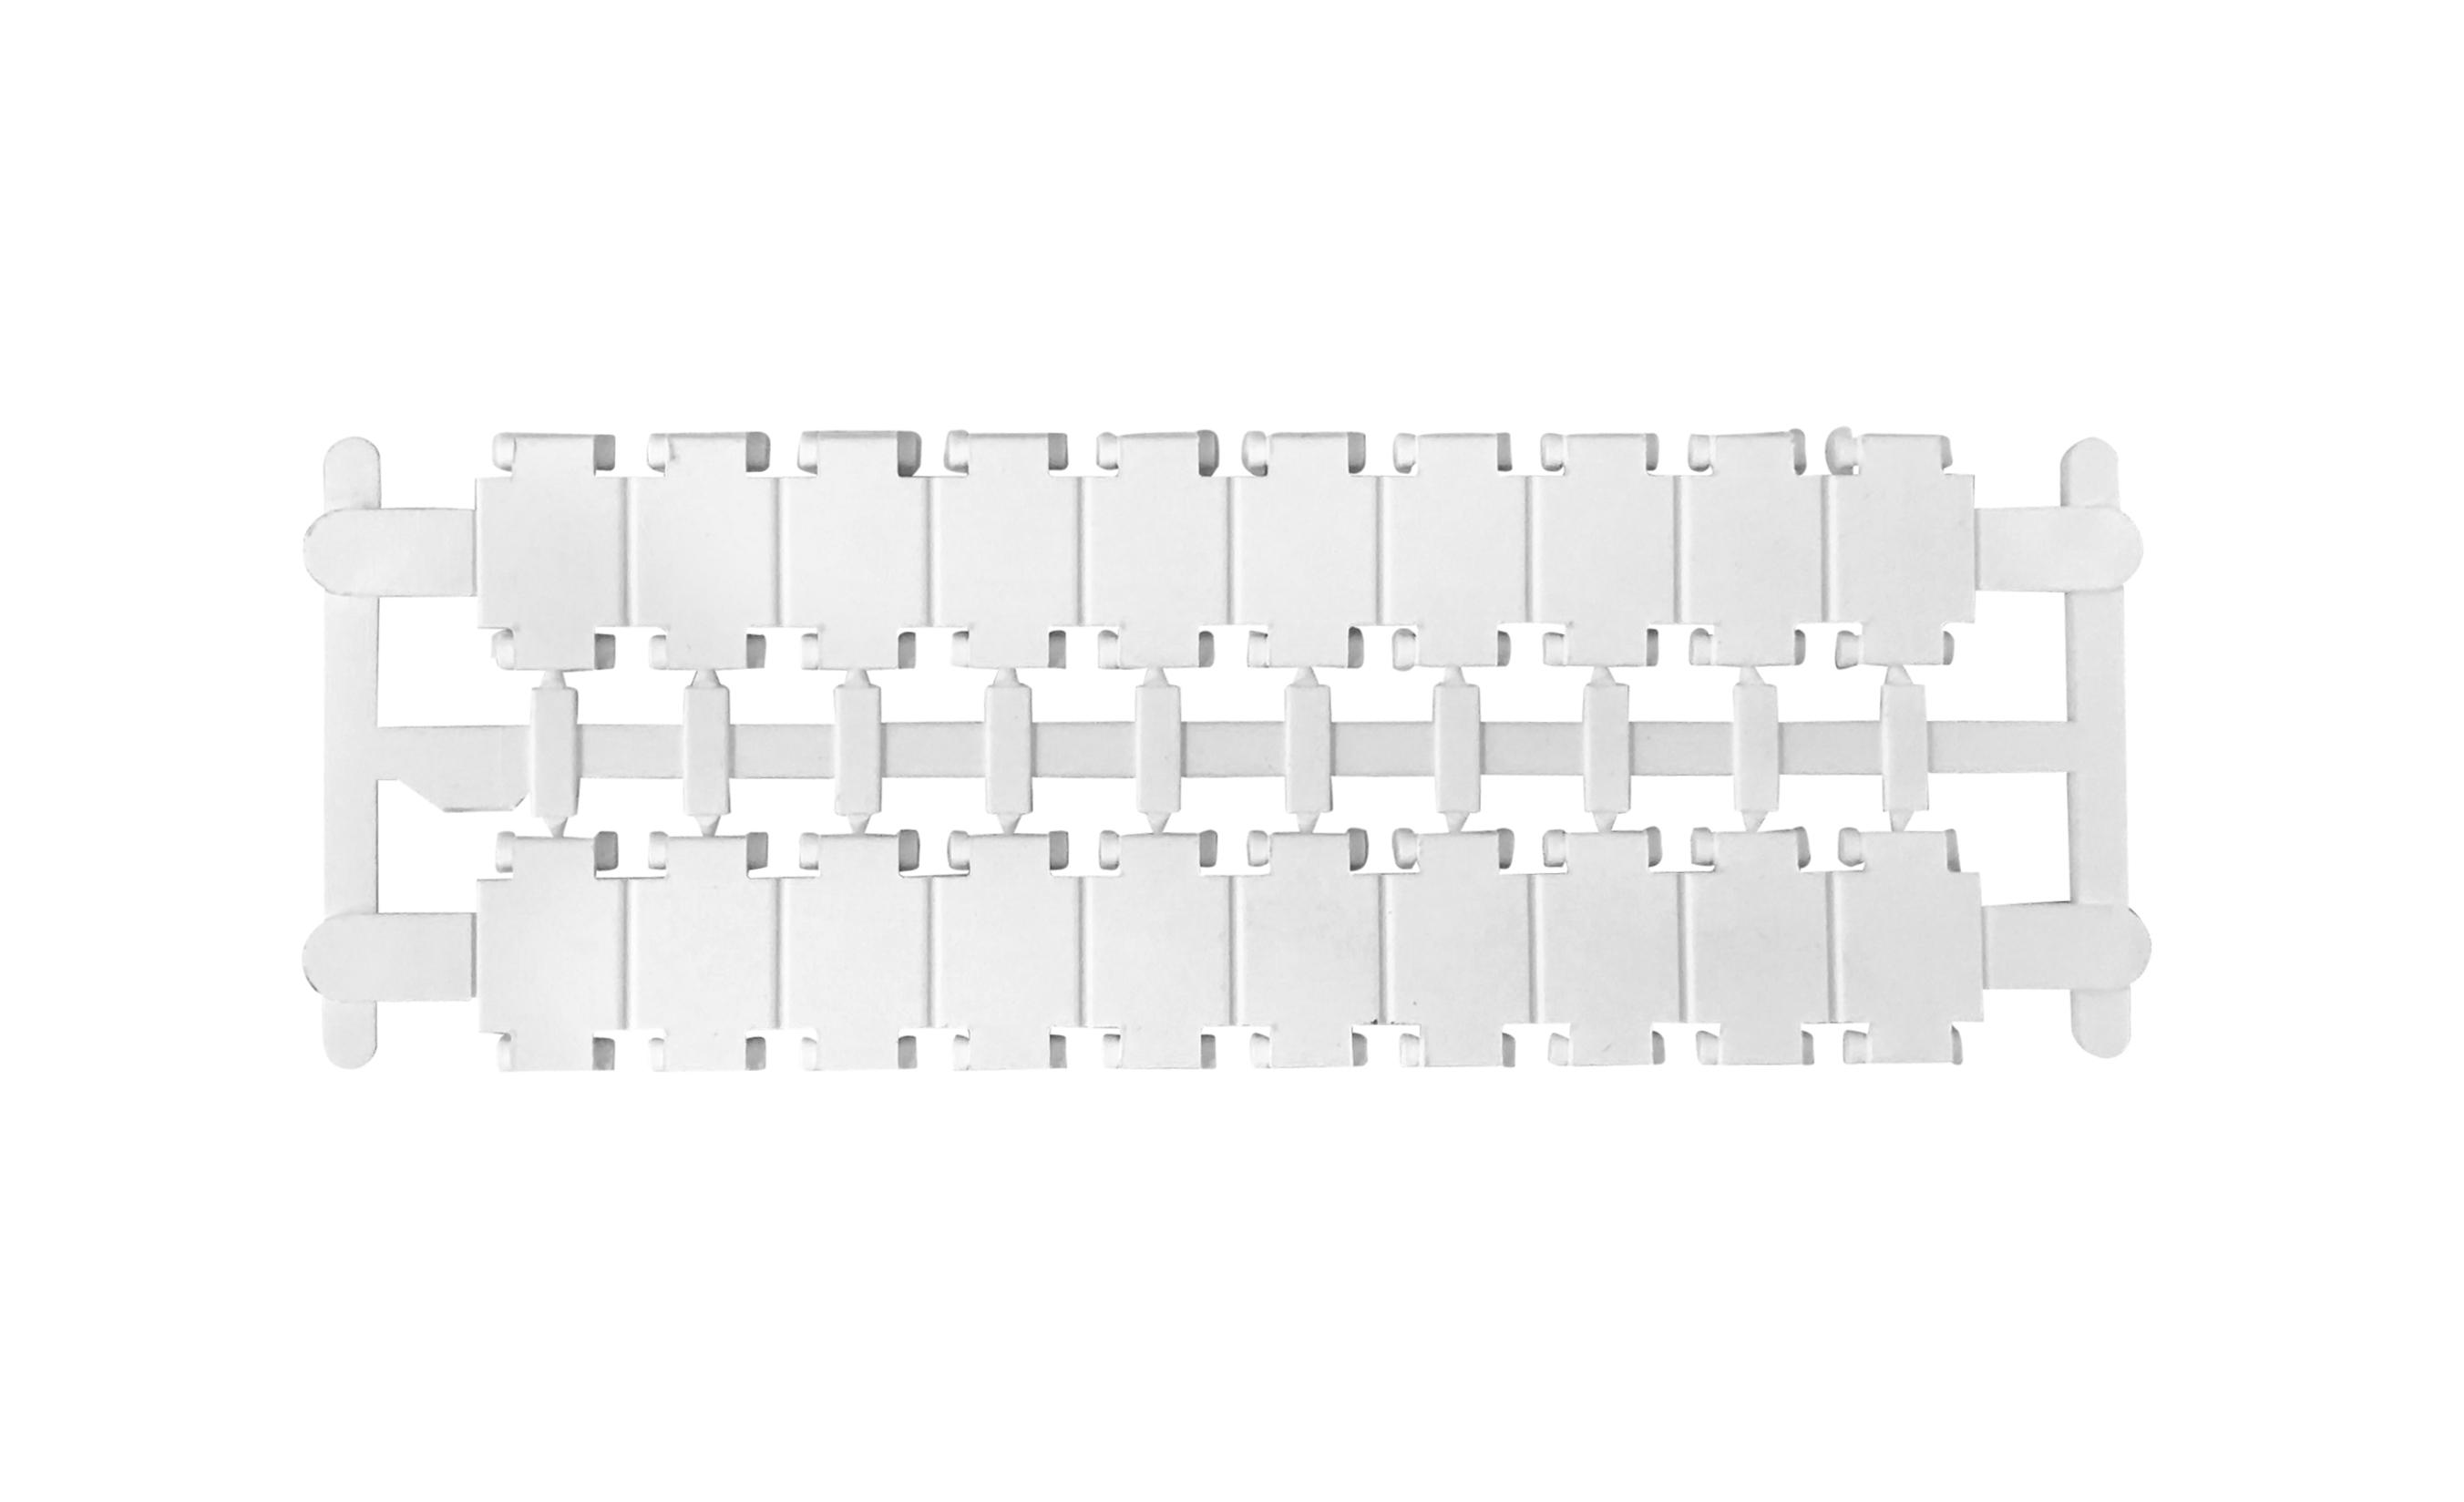 1 Stk Nummerierungsschilder leer für Klemmen-Type HMM & HTE IK297200--